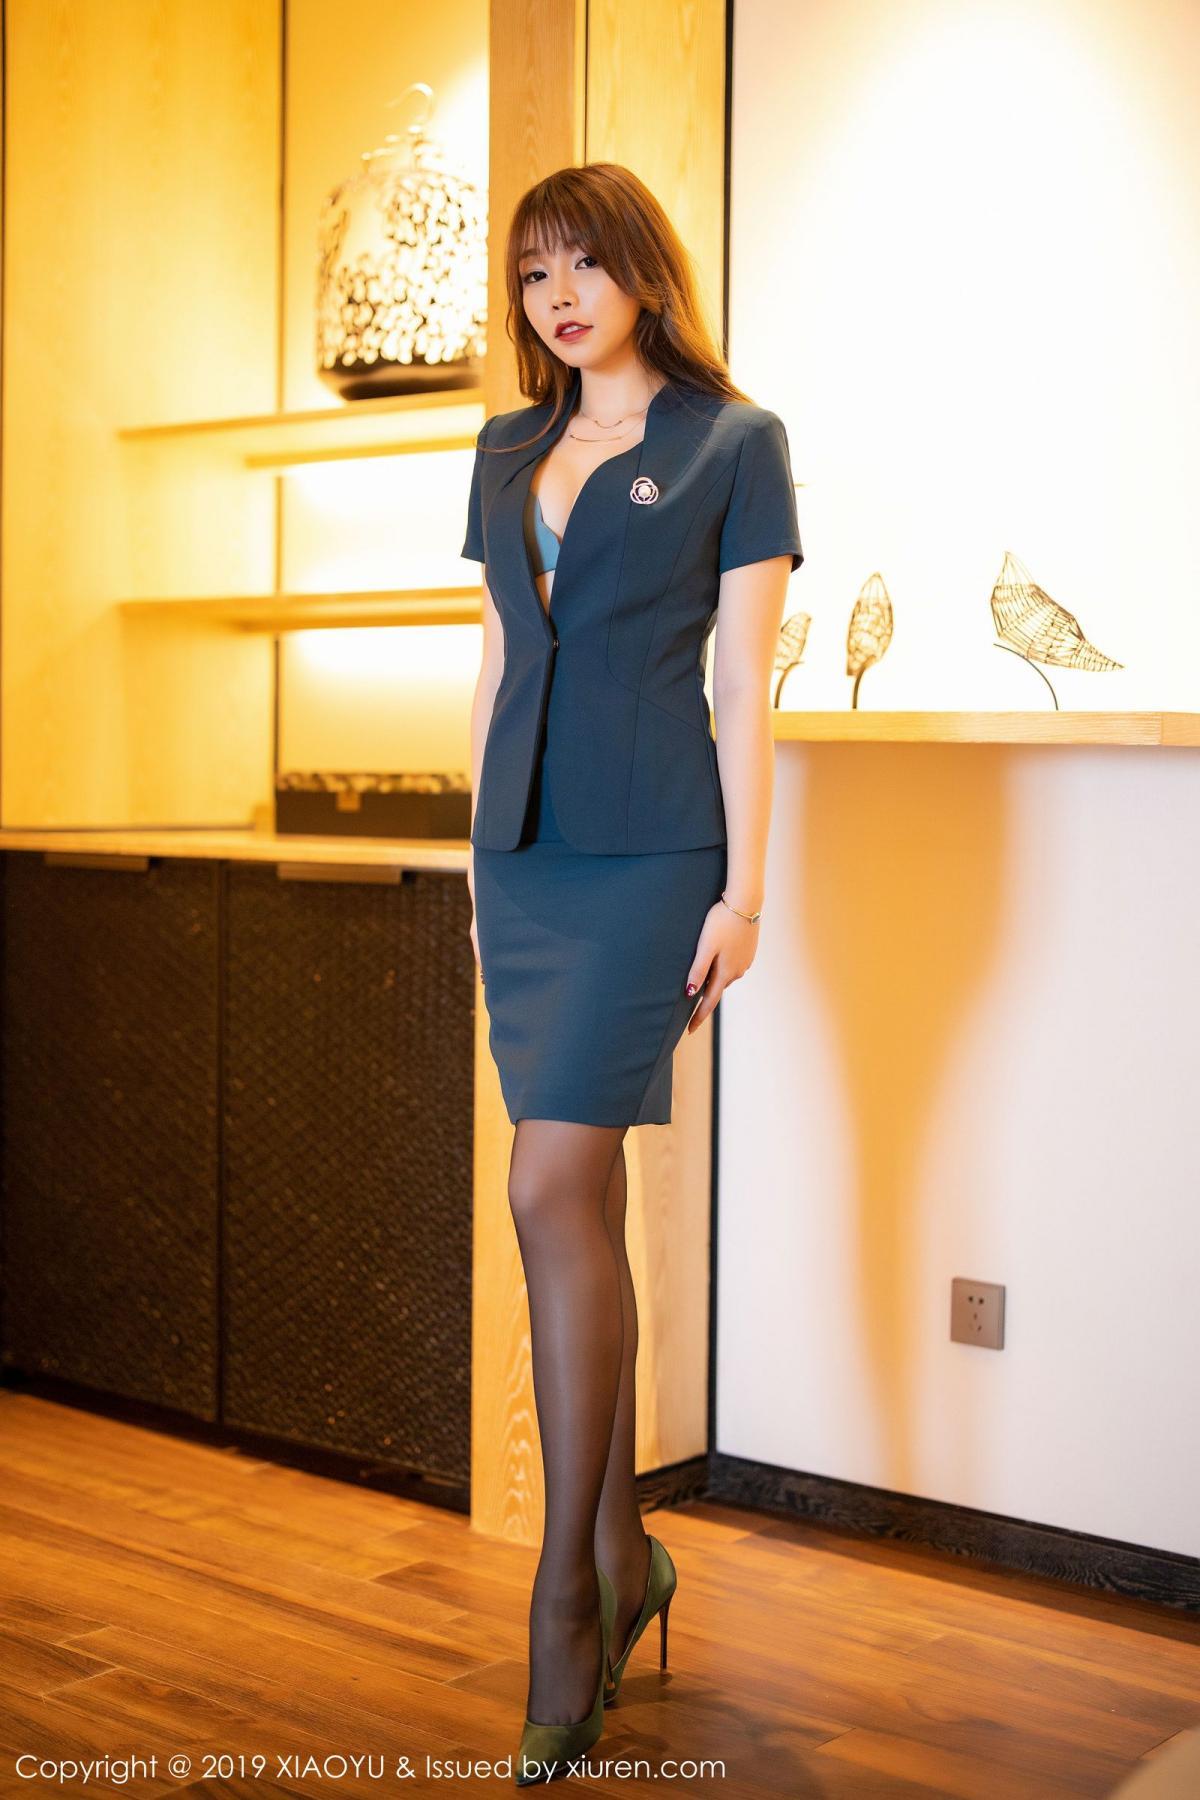 [XiaoYu] Vol.215 Zhi Zhi Booty 1P, Black Silk, Chen Zhi, Tall, XiaoYu